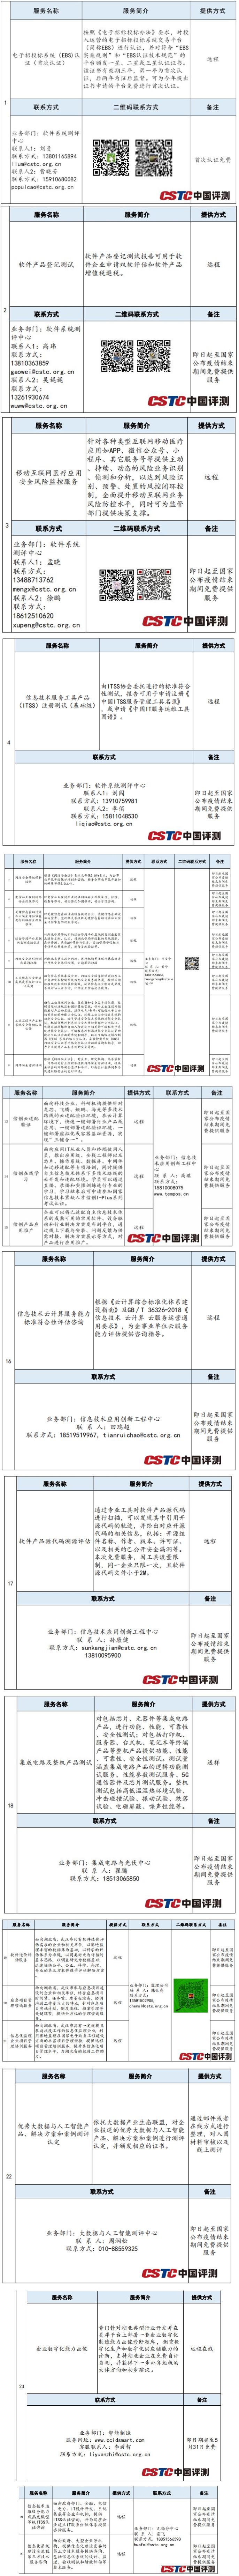 中国评测面向湖北地区提供25项免费服务|众志成城,战胜疫情.jpg